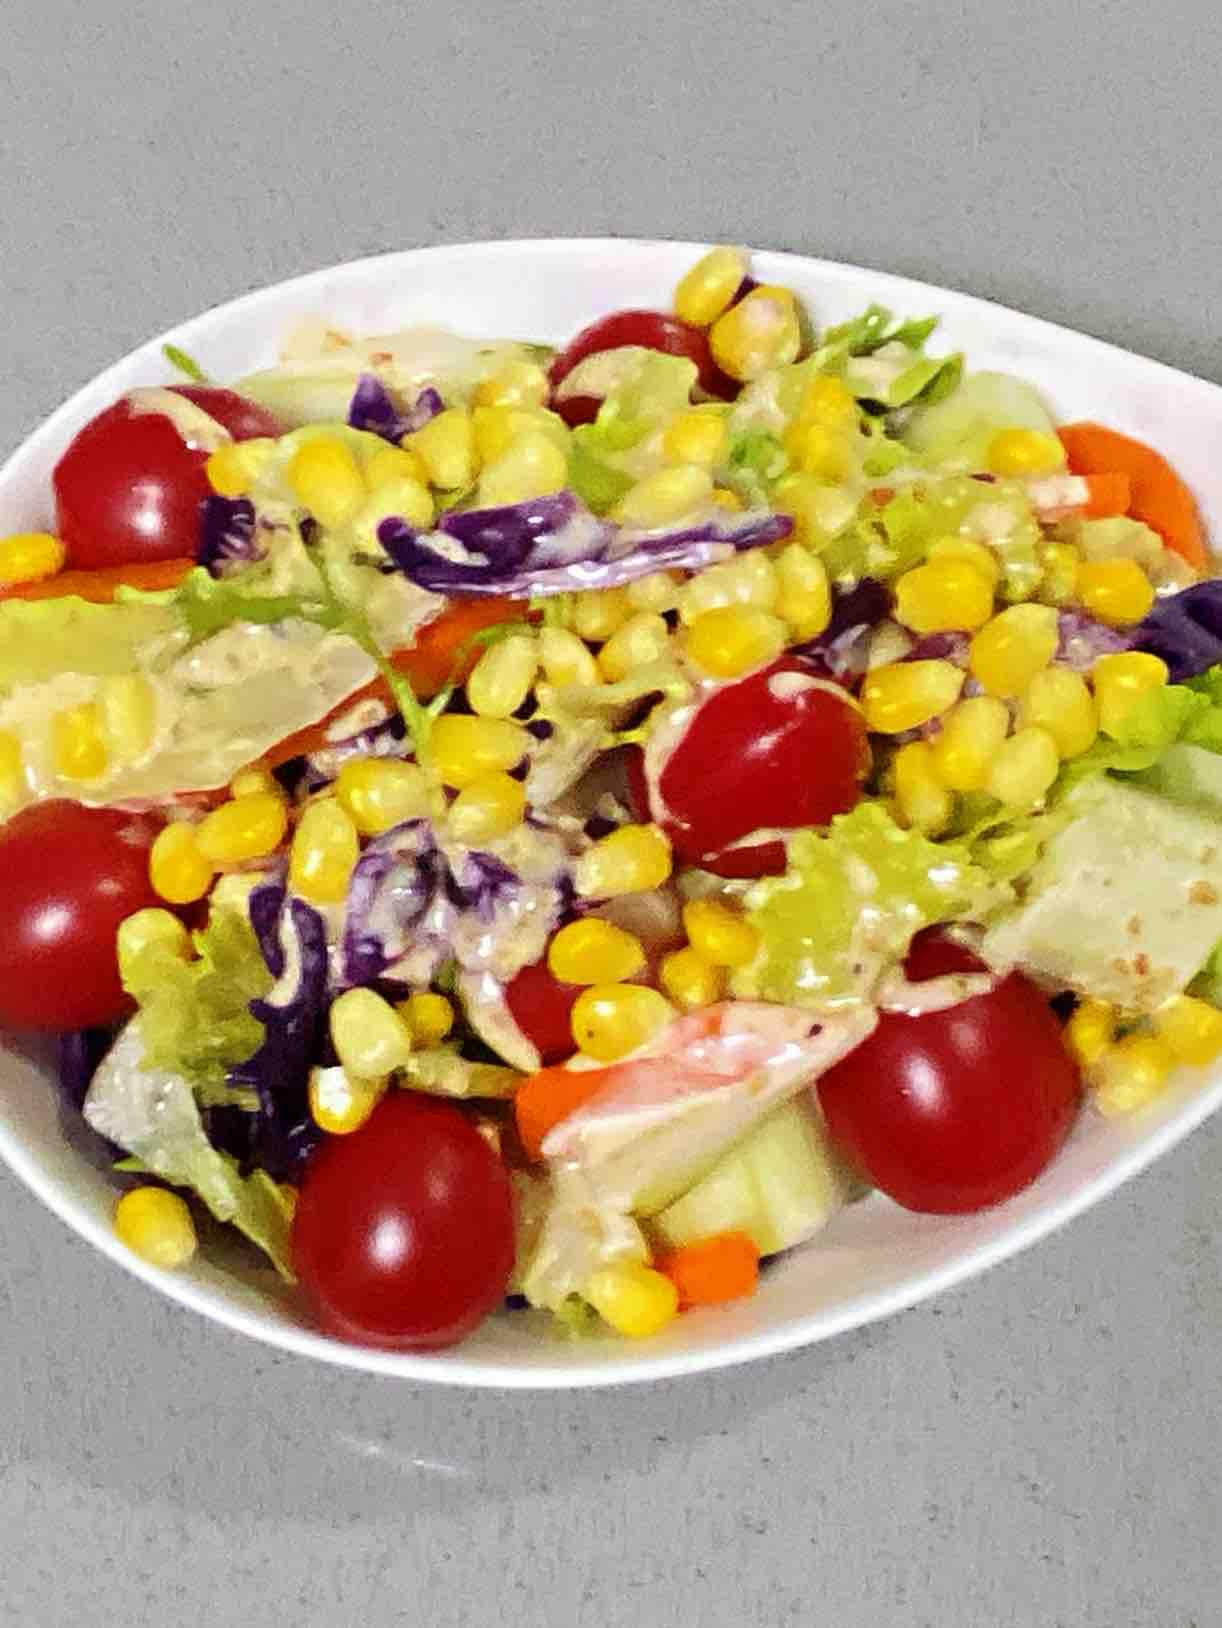 七彩蔬菜沙拉,颜值与美味并存,香甜爽口,每一口都意犹未尽~的做法